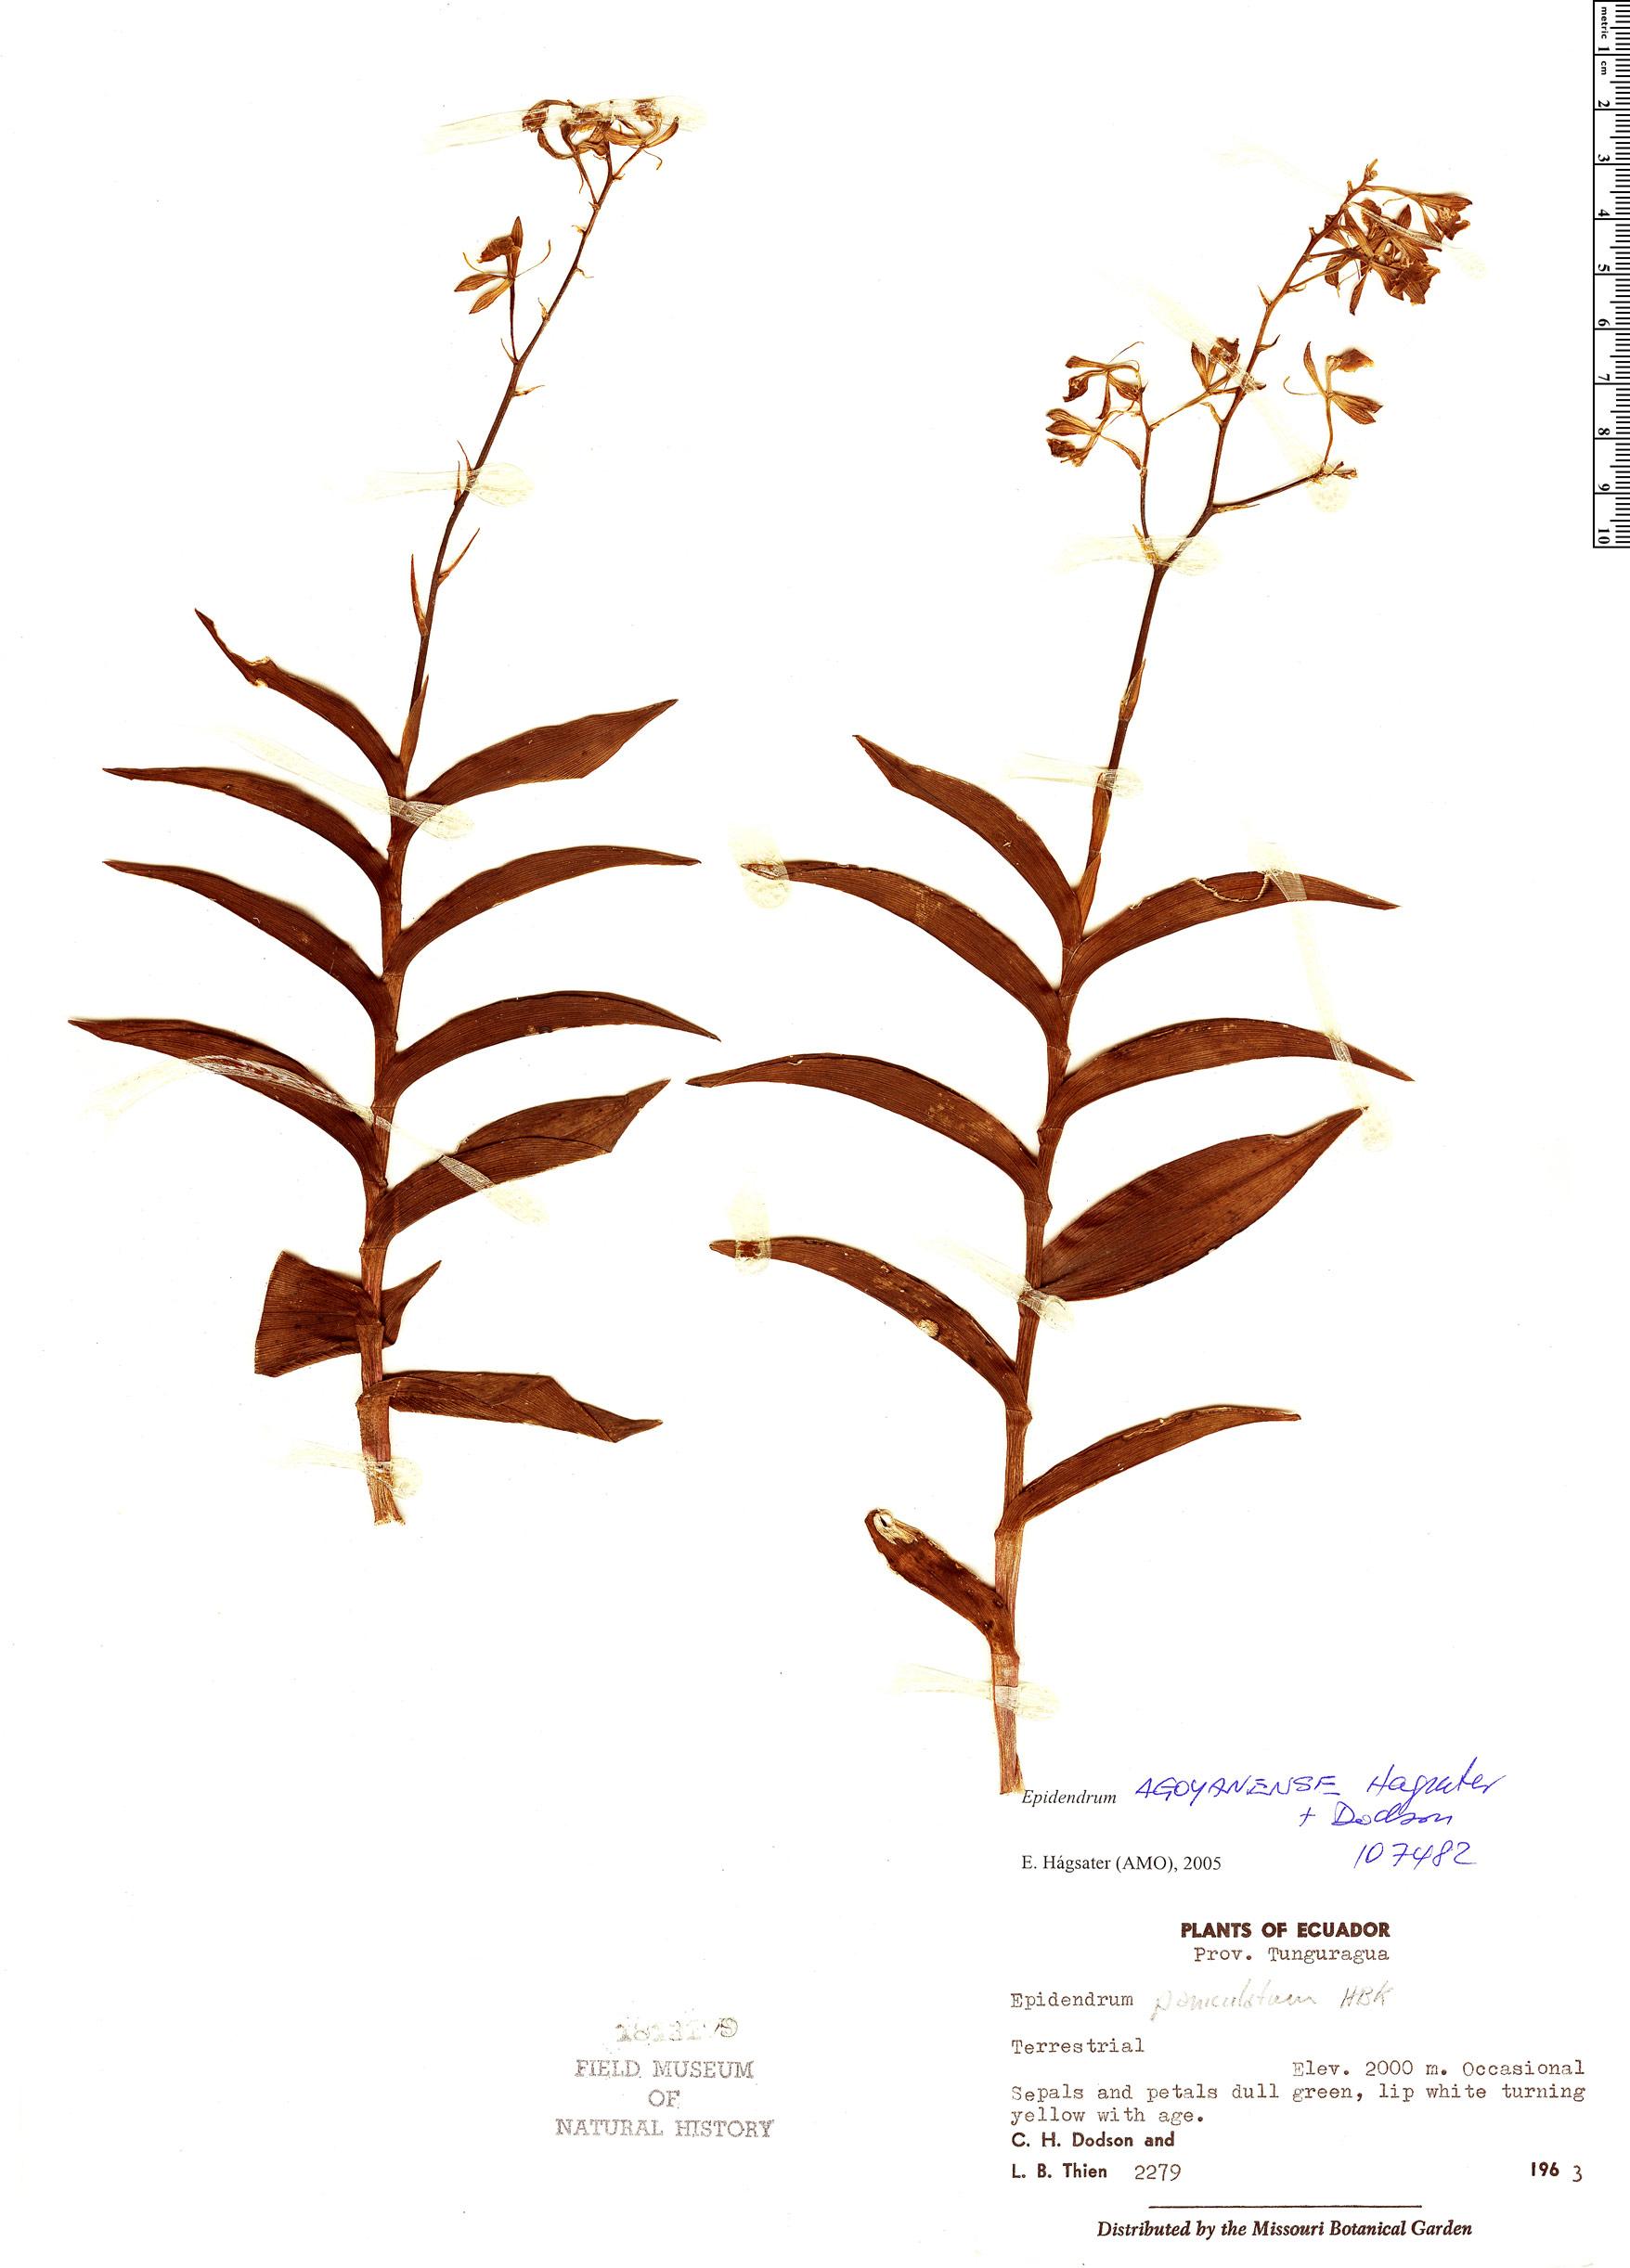 Specimen: Epidendrum agoyanense